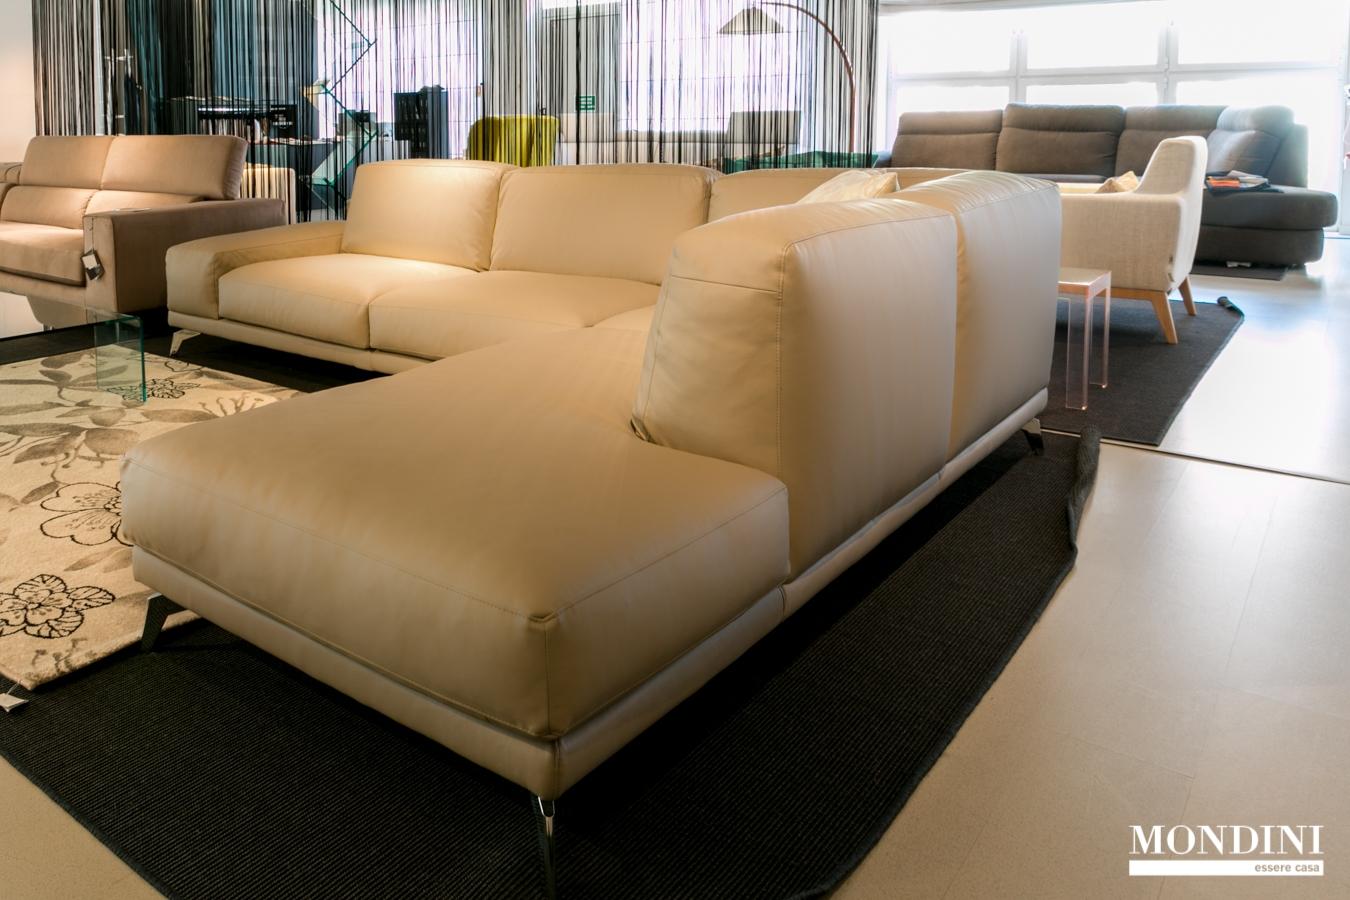 Divano ad angolo ditr italia modello shade scontato del 45 divani a prezzi scontati - Dimensioni divano ad angolo ...